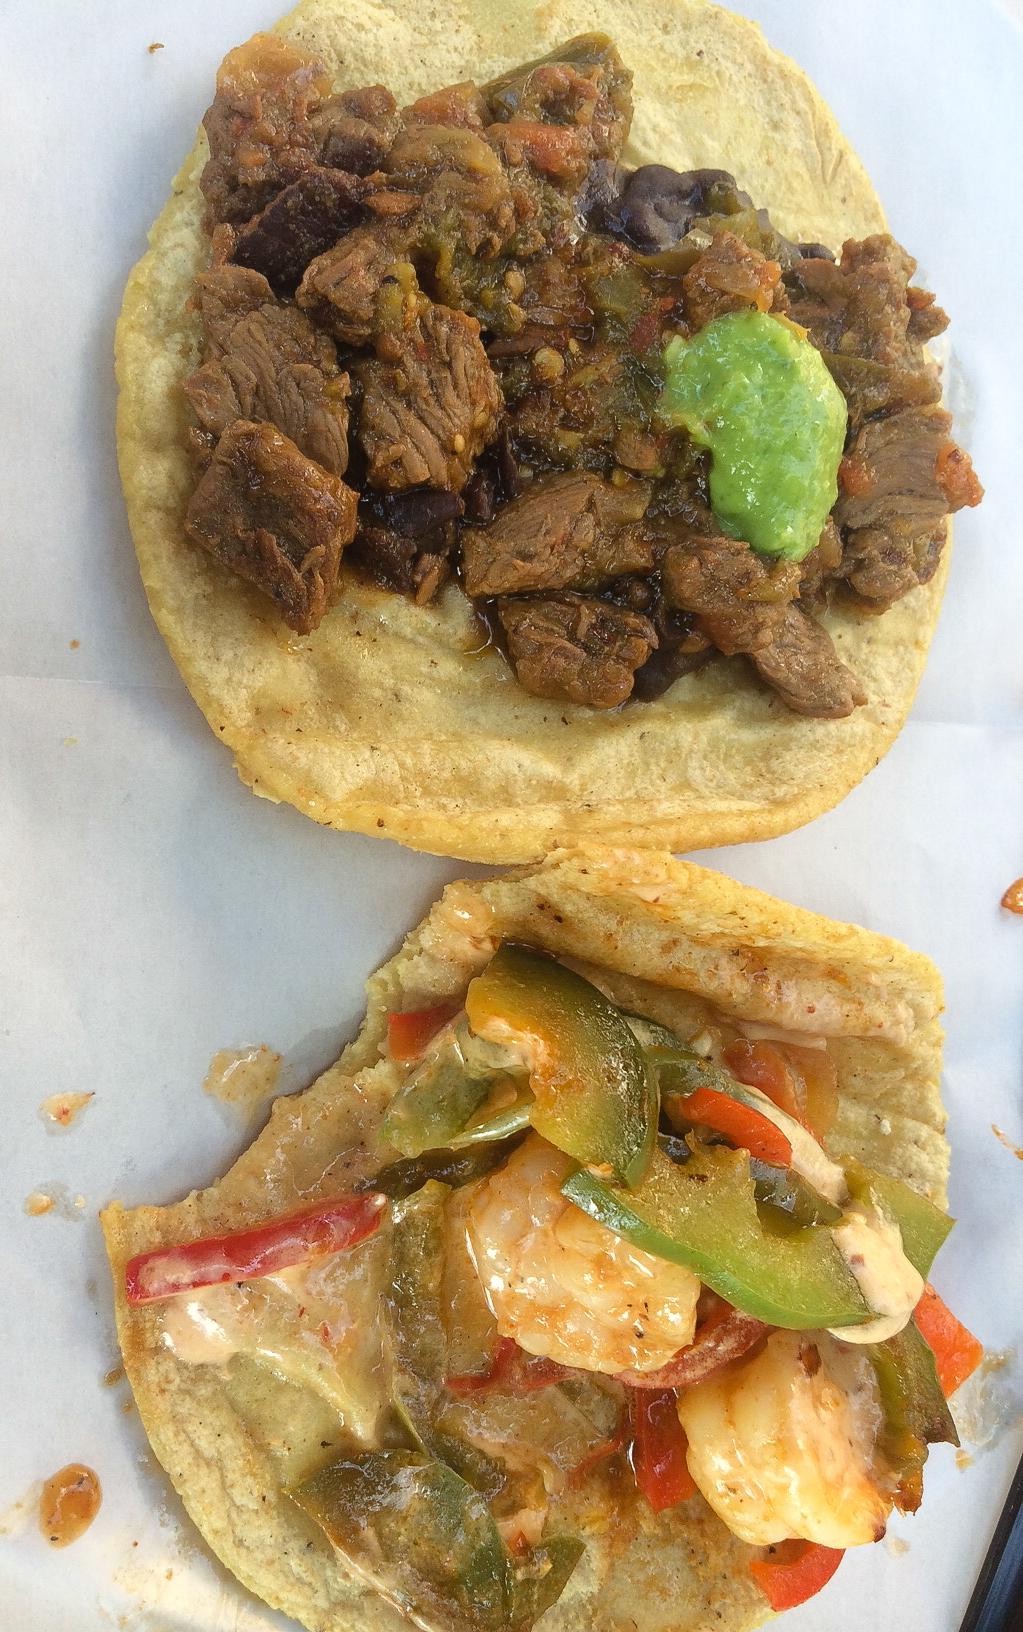 Steak Picado Tacos a Sampler of Six Tacos – Steak